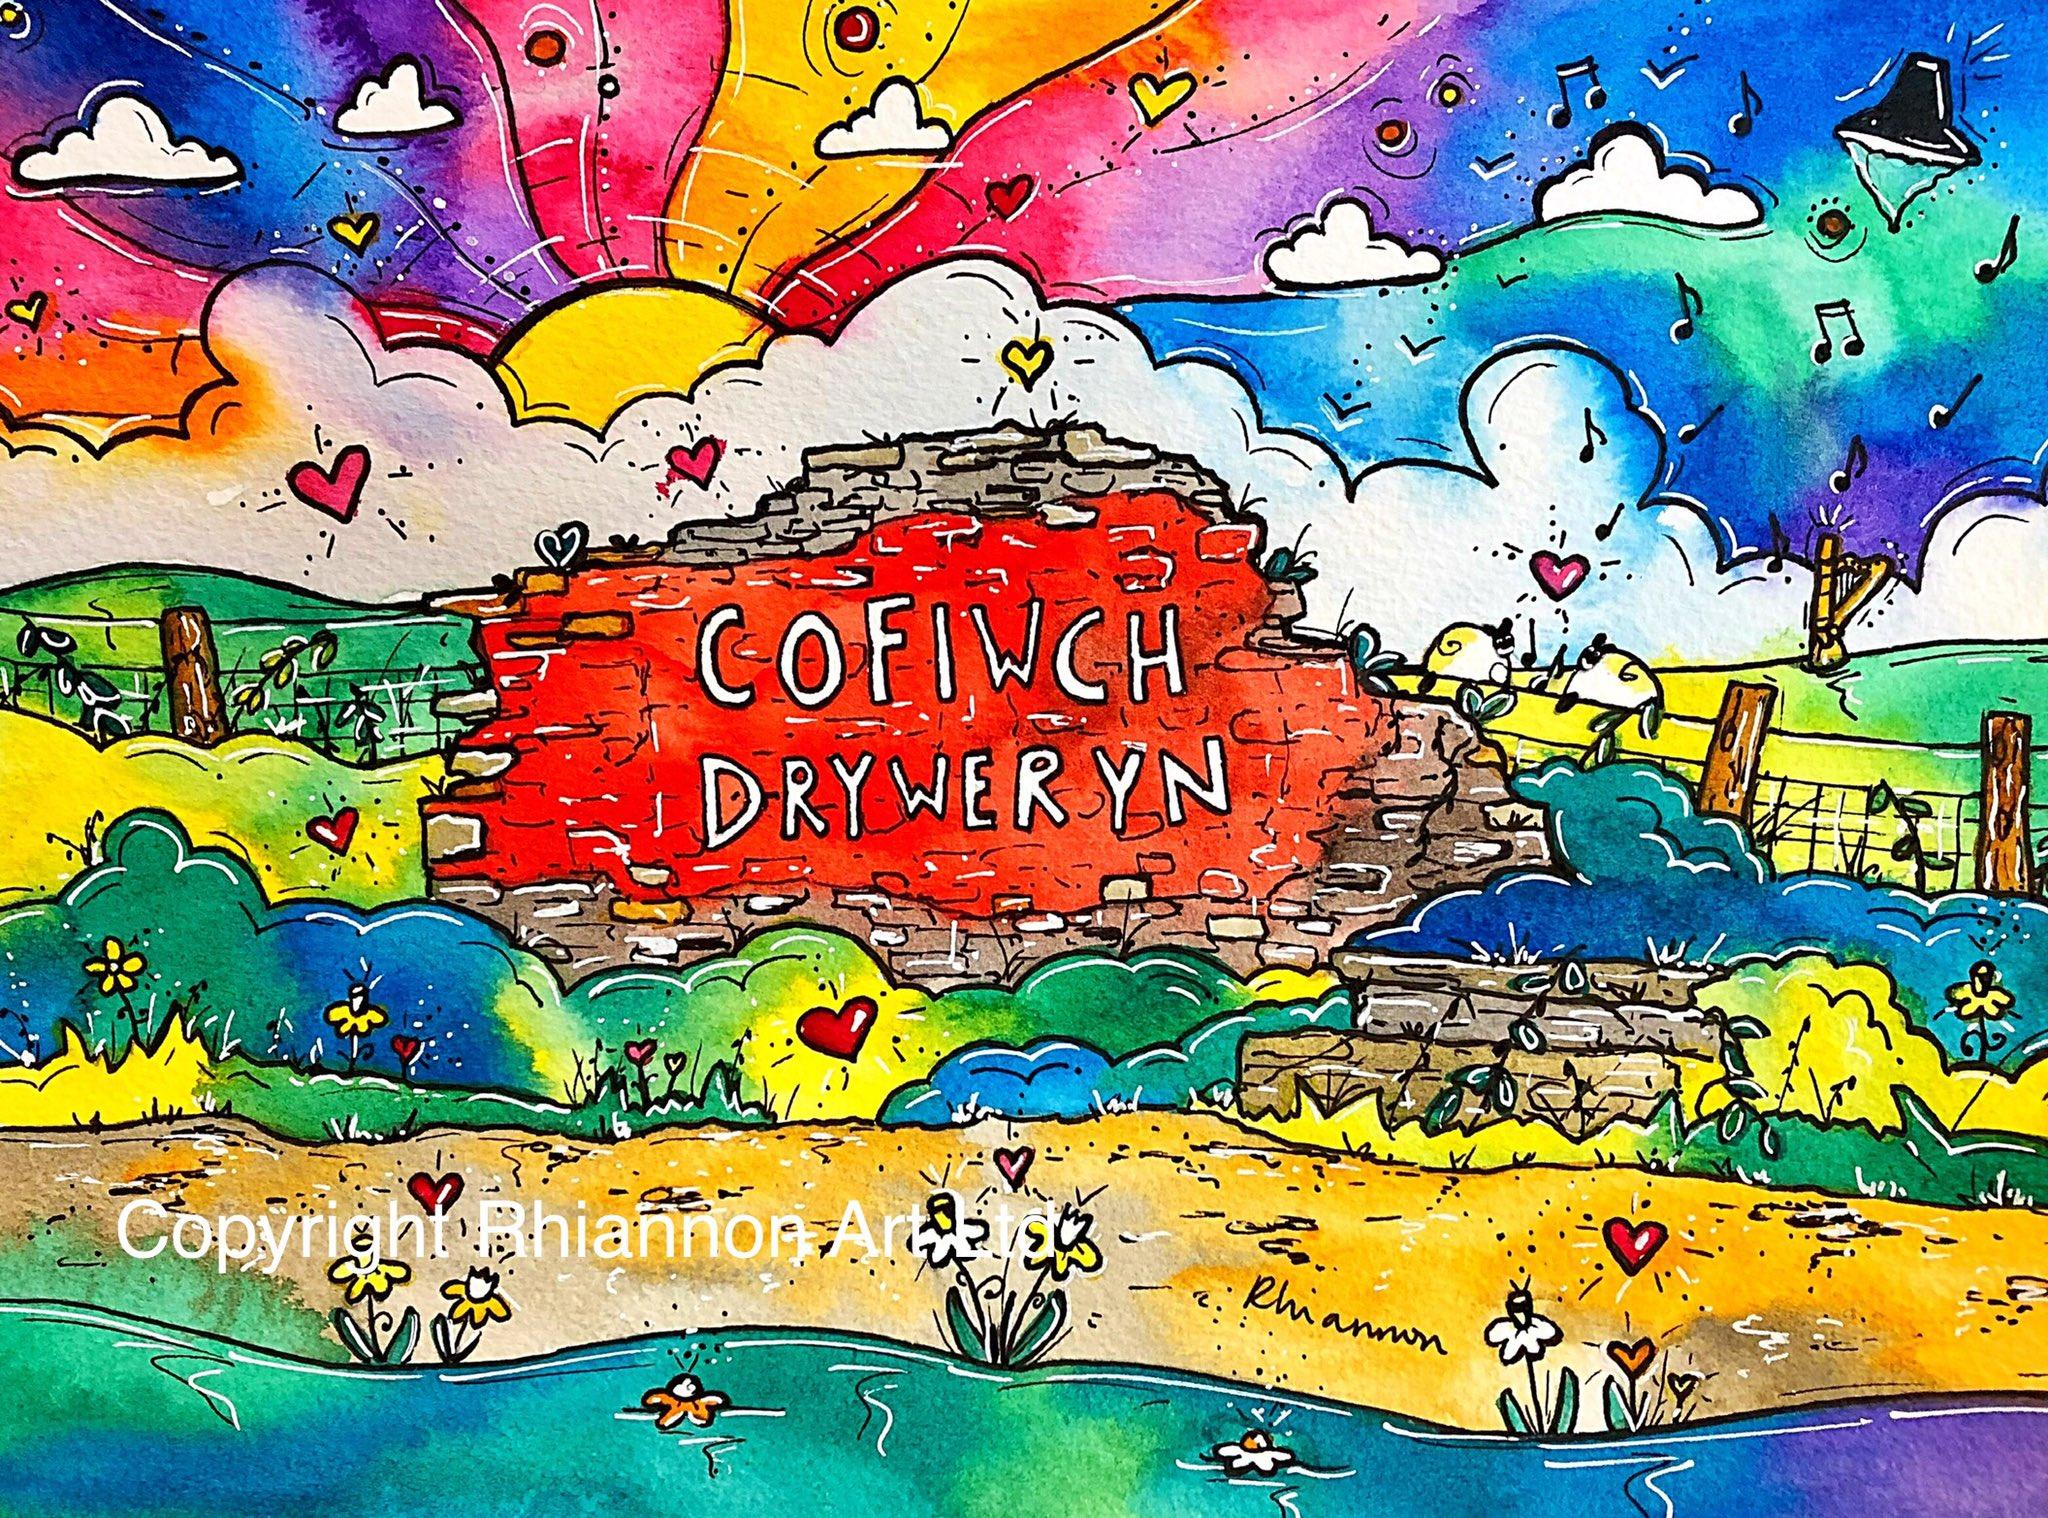 Cofiwch Dryweryn- Rhiannon Art